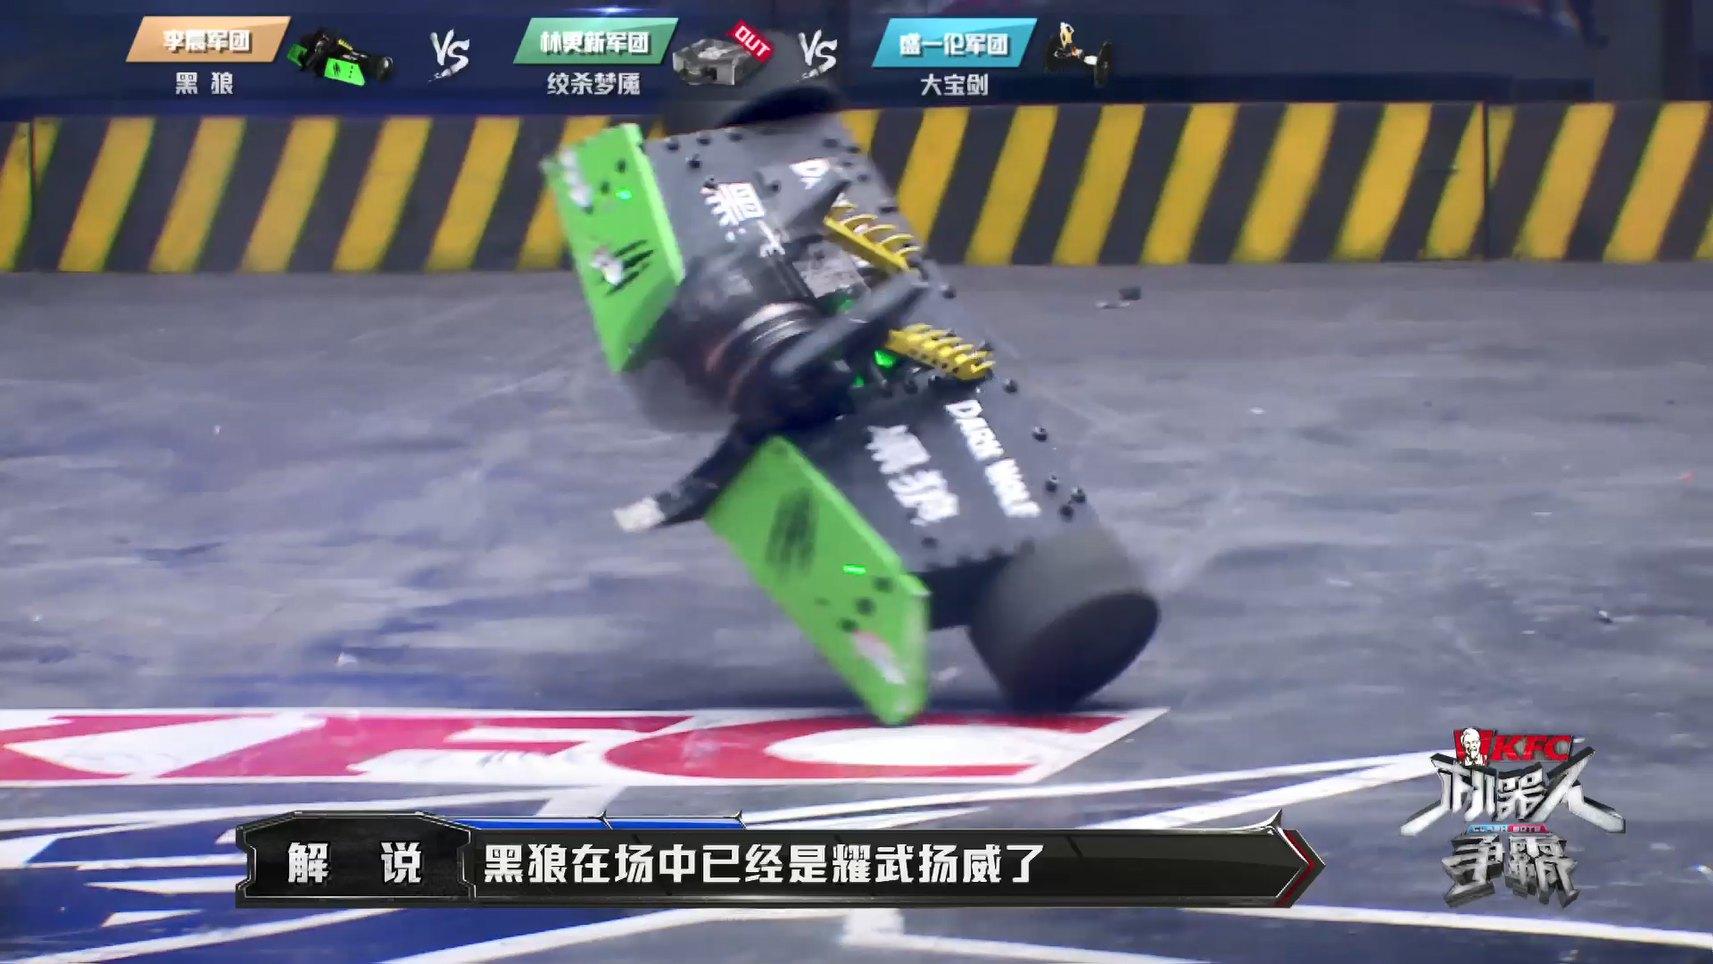 《机器人争霸》黑狼耀武扬威.jpg